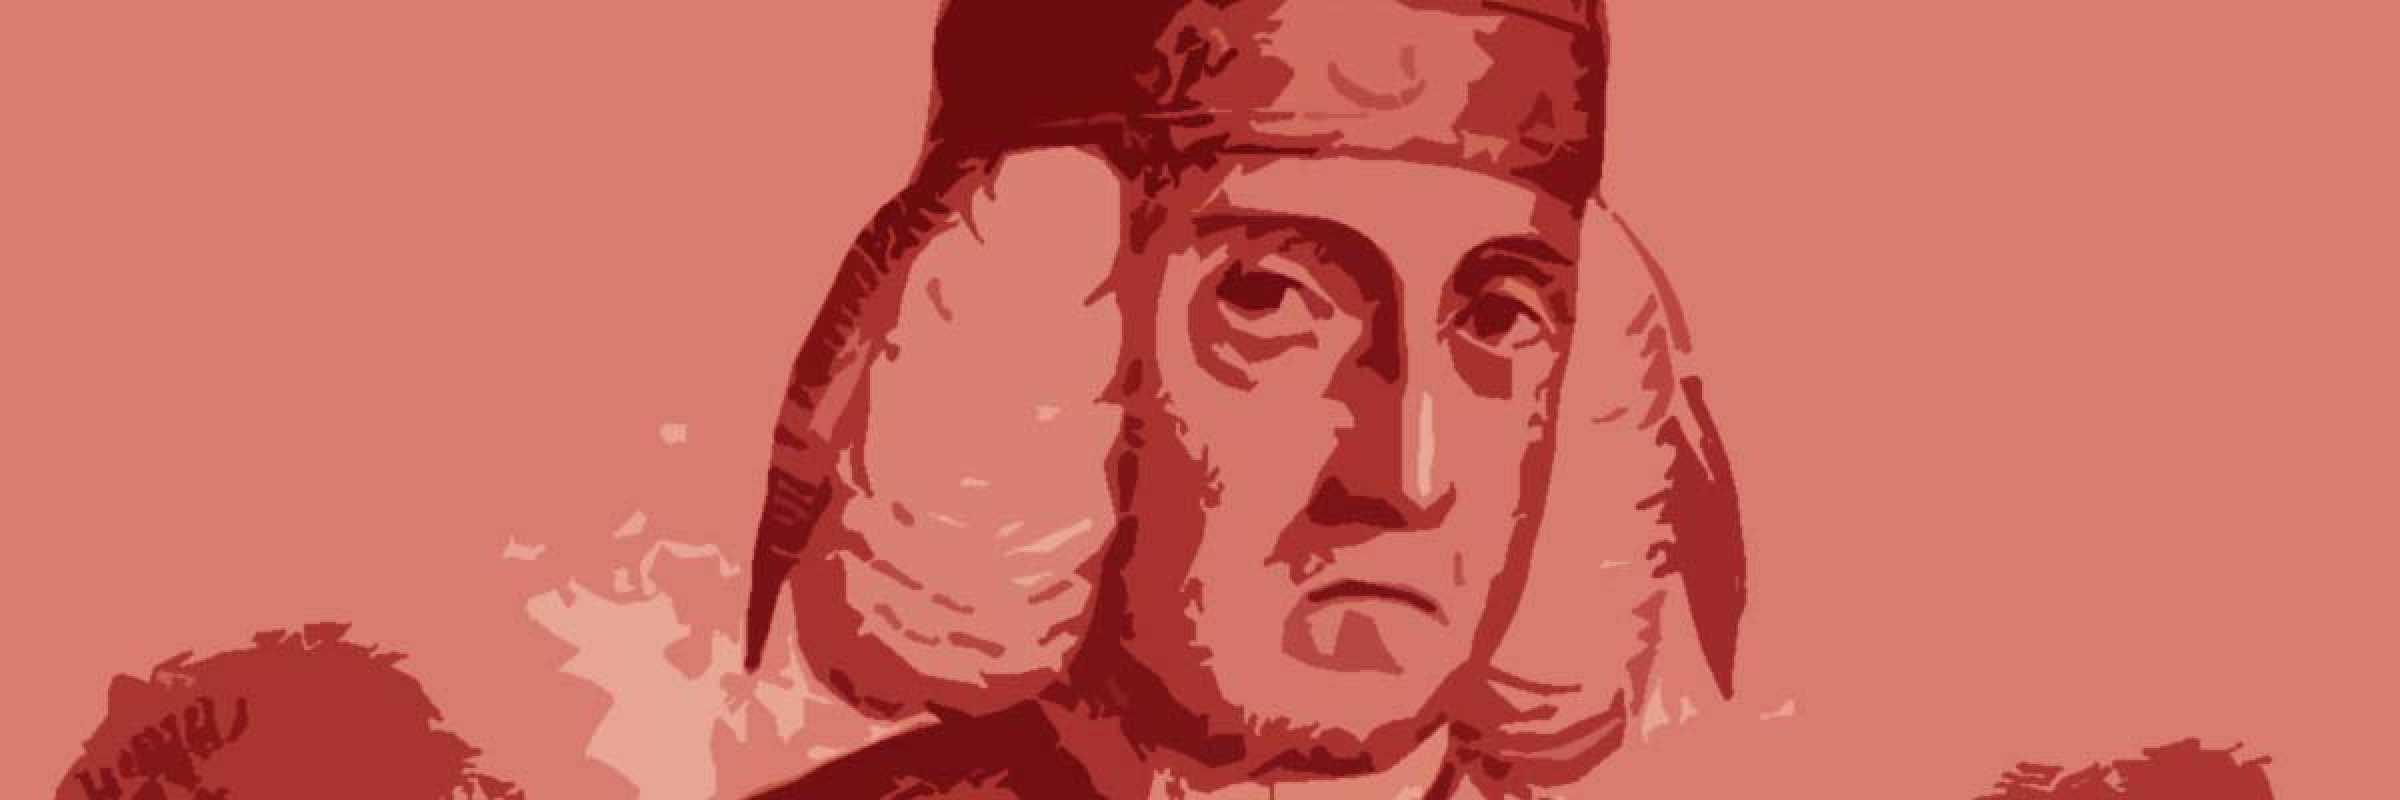 Incisione raffigurante il doge Ludovico Manin